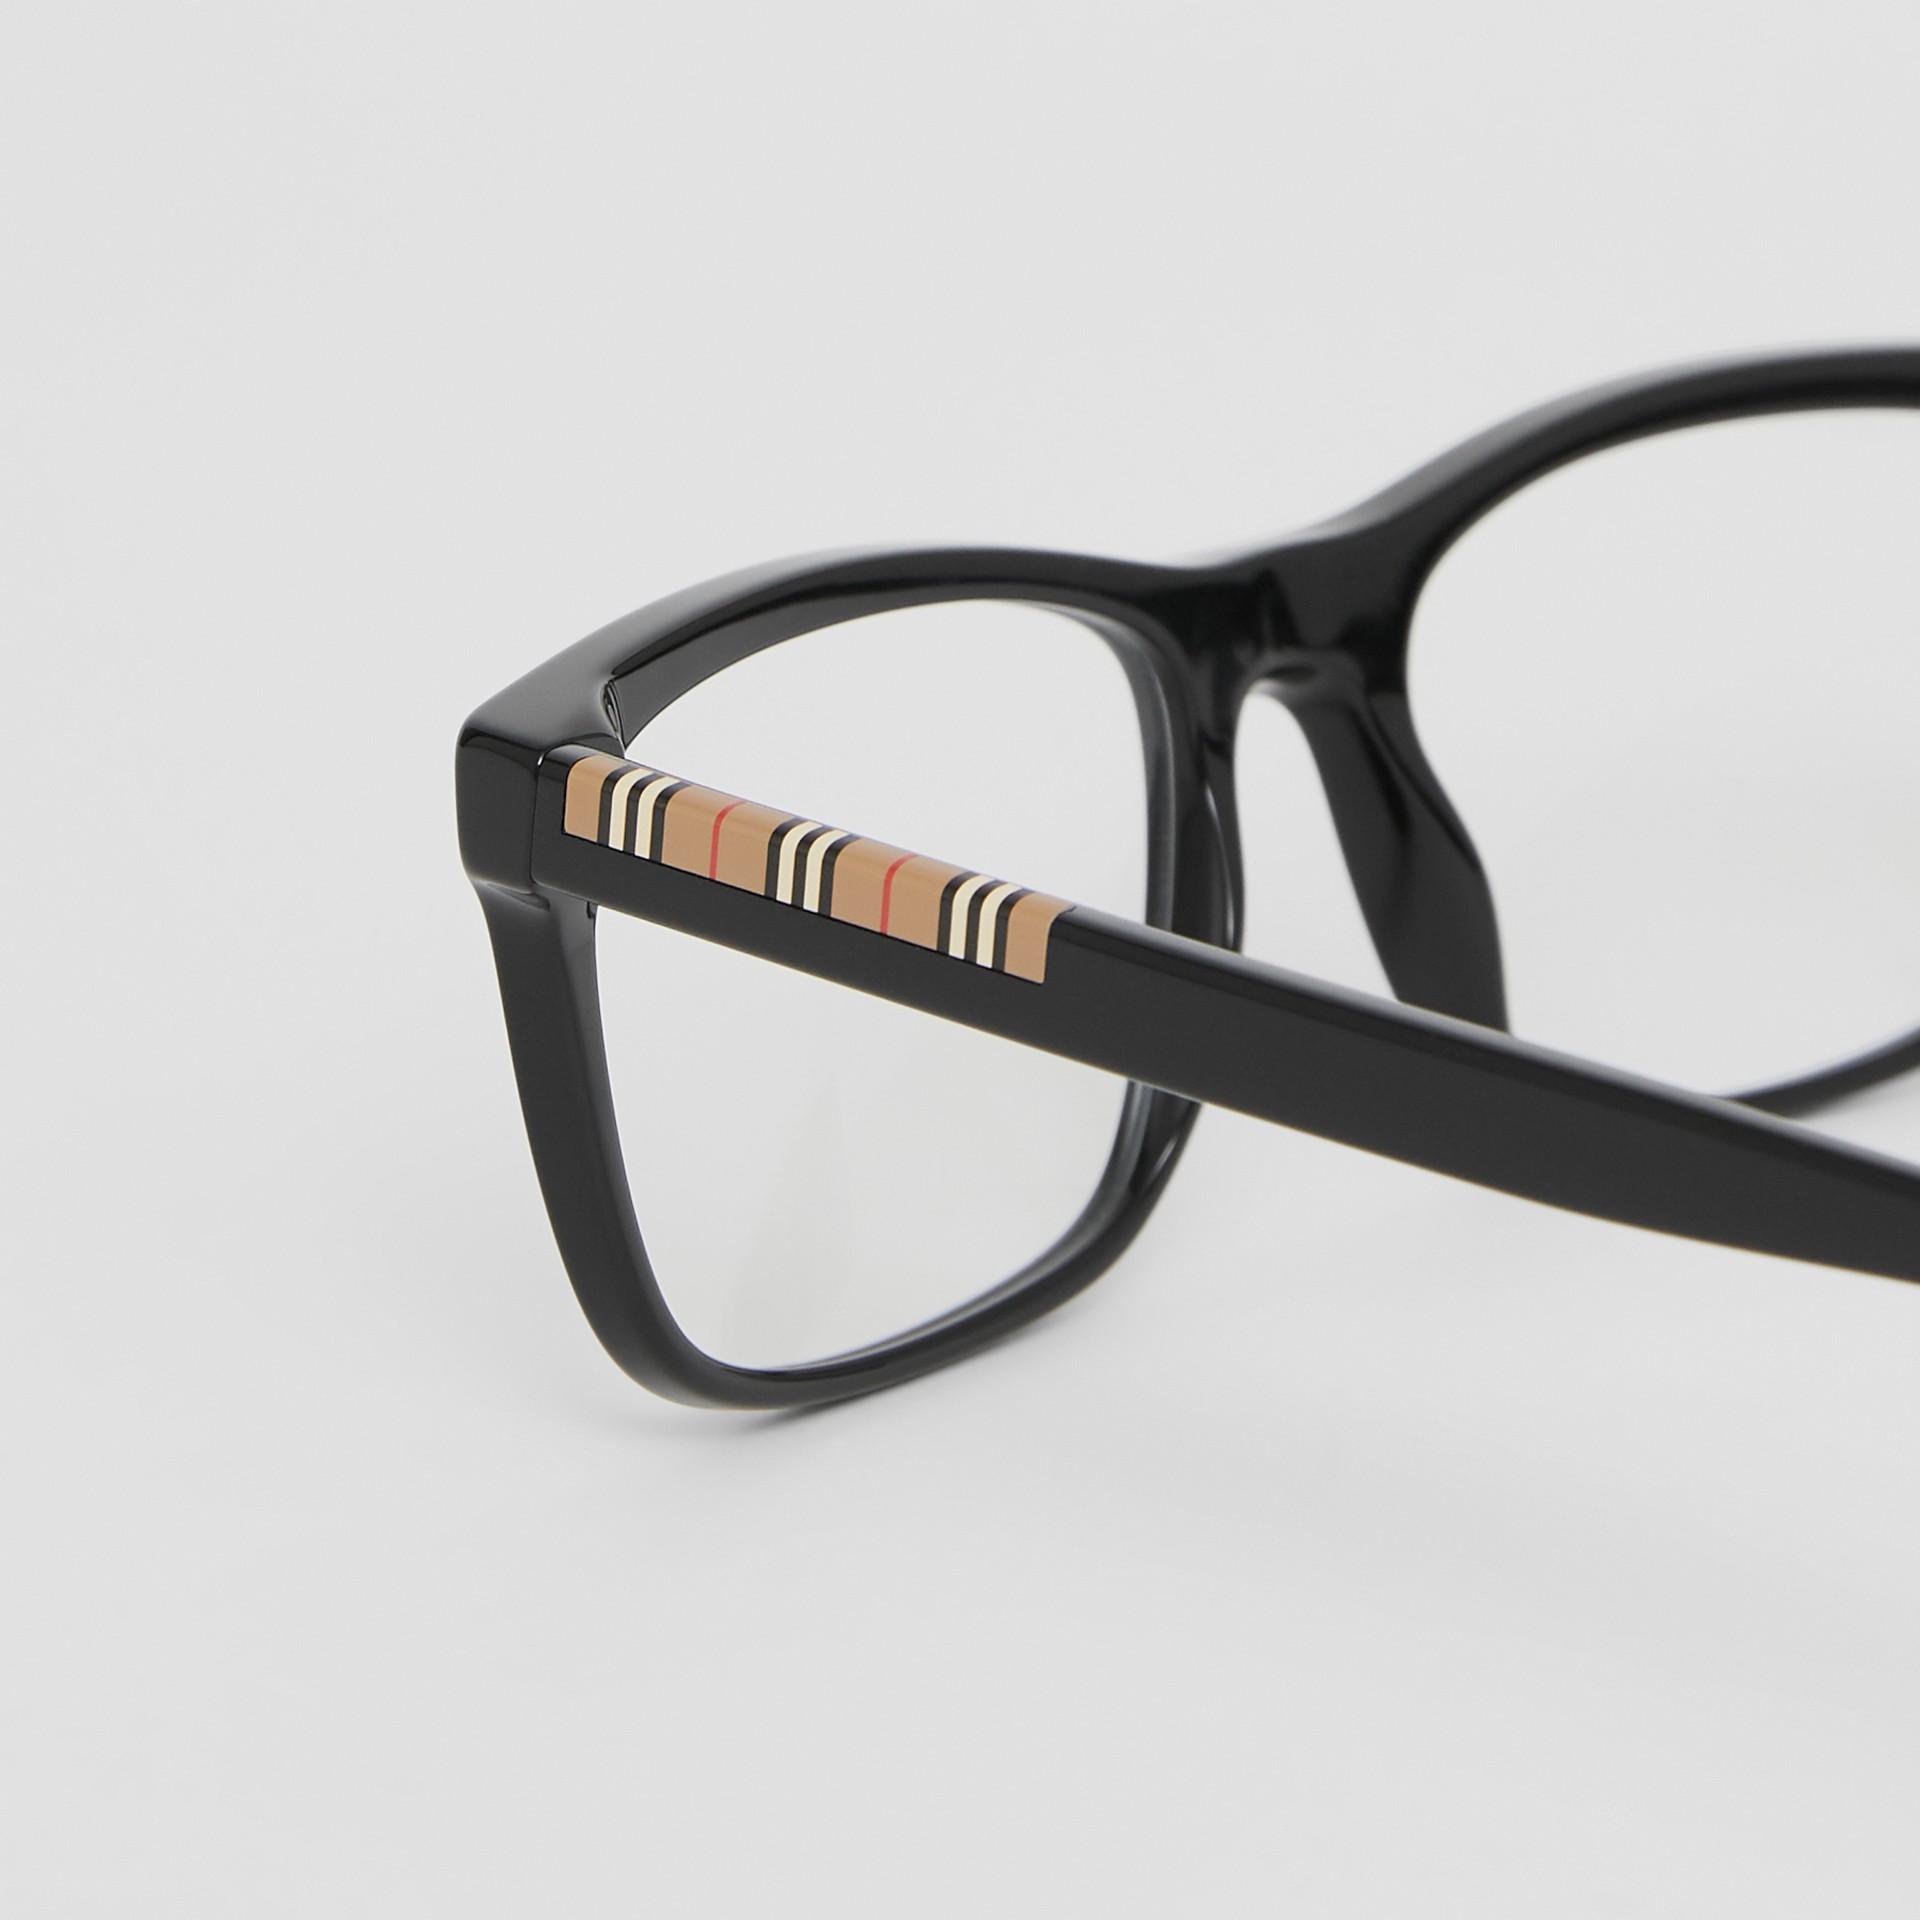 Montatura da vista rettangolare con iconico motivo a righe (Nero) - Uomo | Burberry - immagine della galleria 1